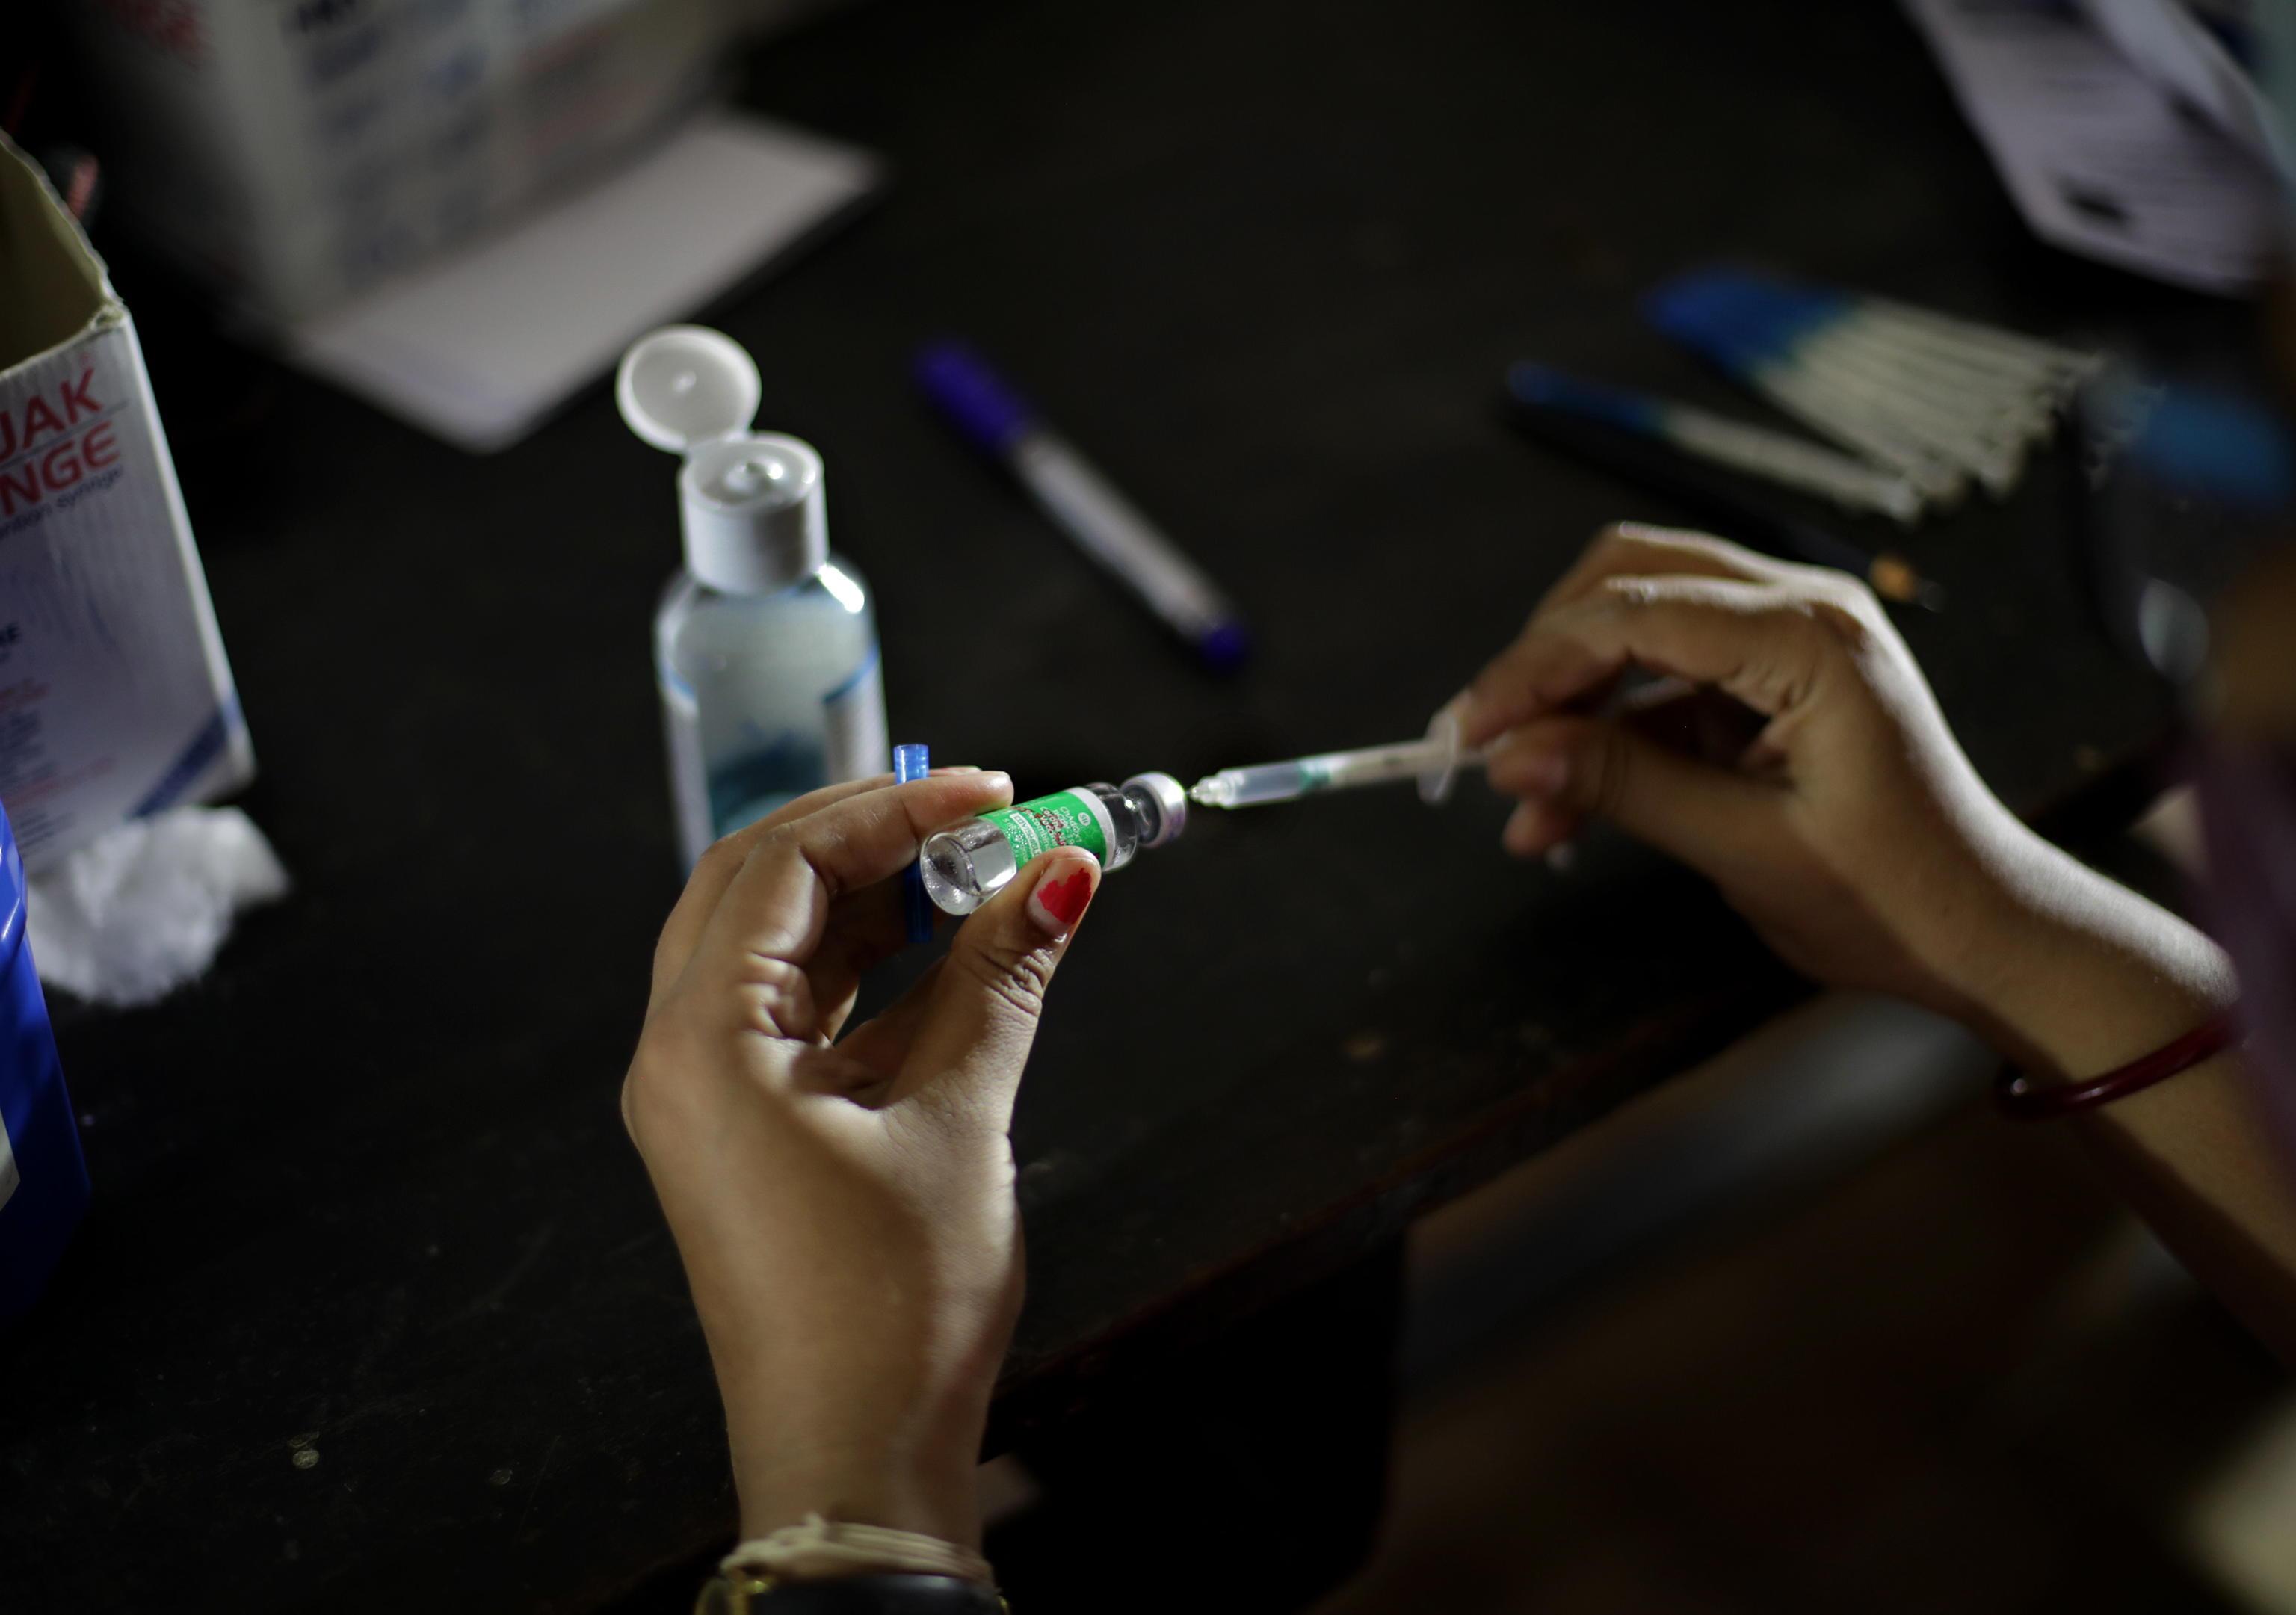 Monitoraggio Gimbe, calano contagi e ricoveri. Ancora allarme over 50: 3 milioni senza nemmeno una dose di vaccino